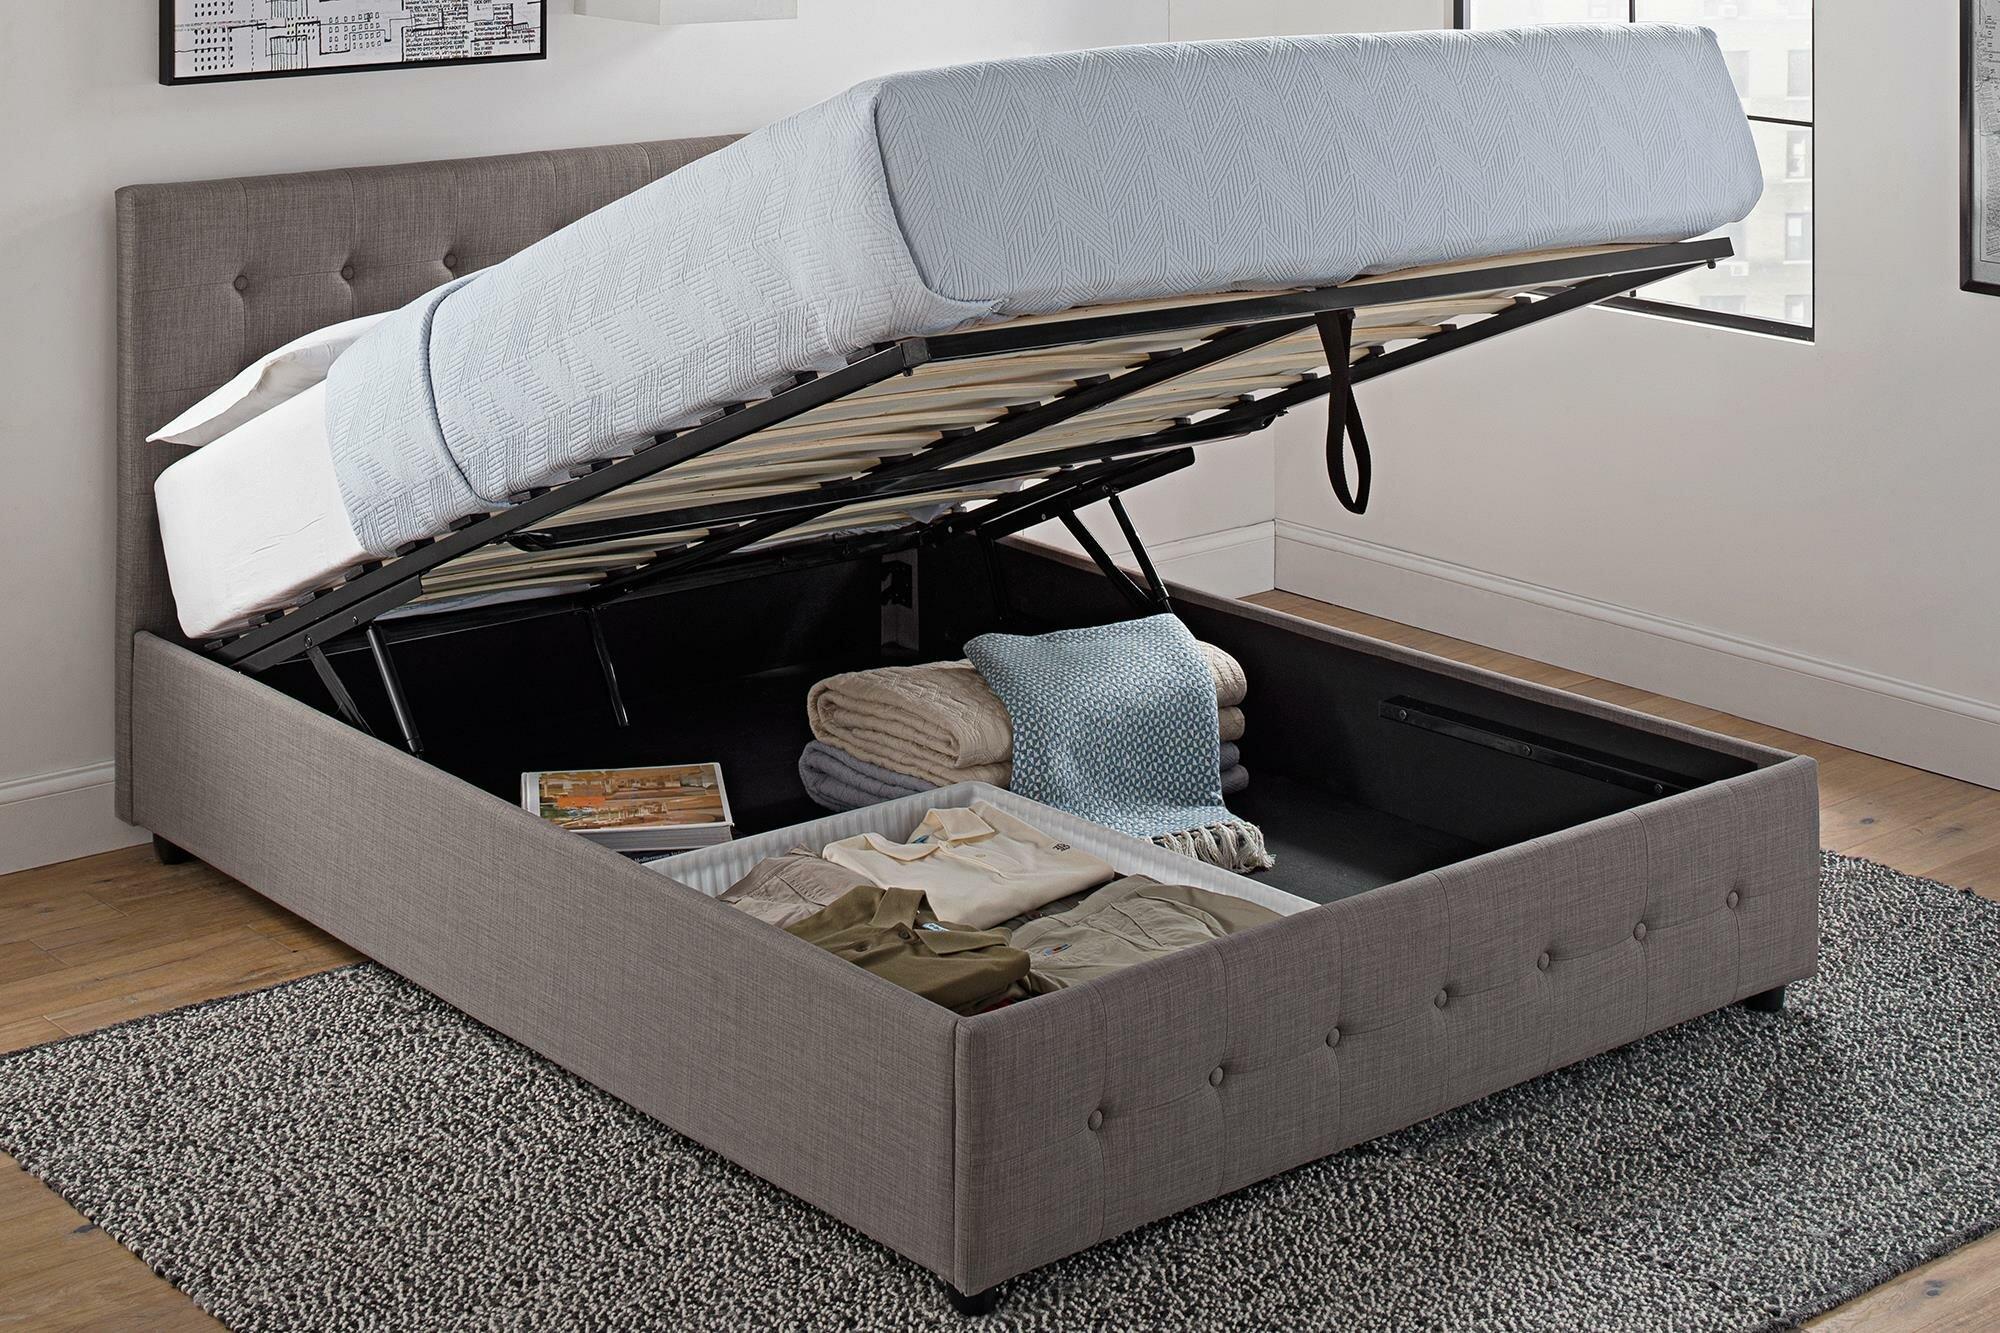 Brayden Studio Morphis Upholstered Storage Platform Bed Reviews